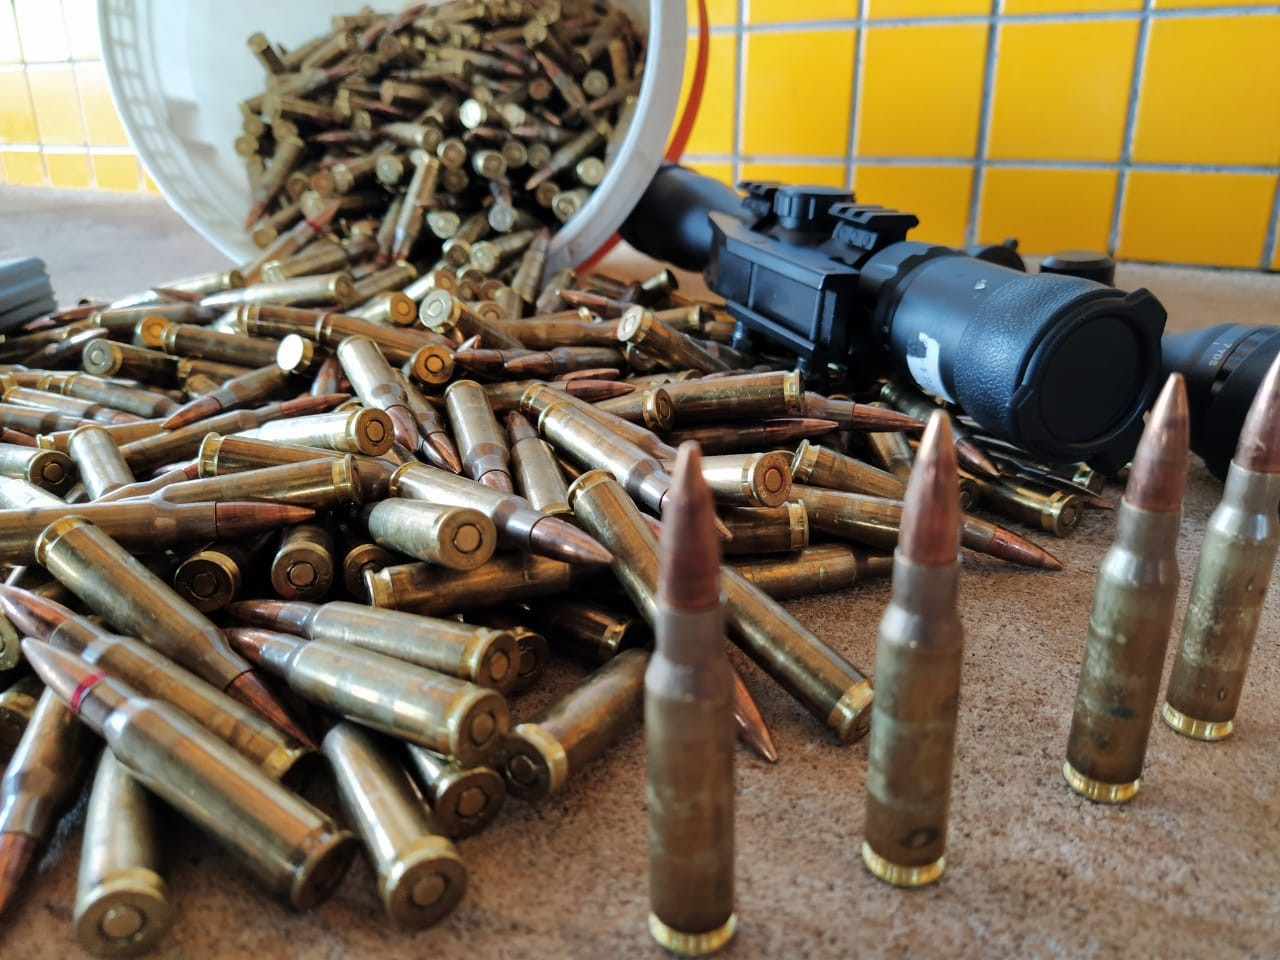 Suspeitos são presos com mais de uma tonelada de drogas e 1 mil balas de fuzil, em Cascavel